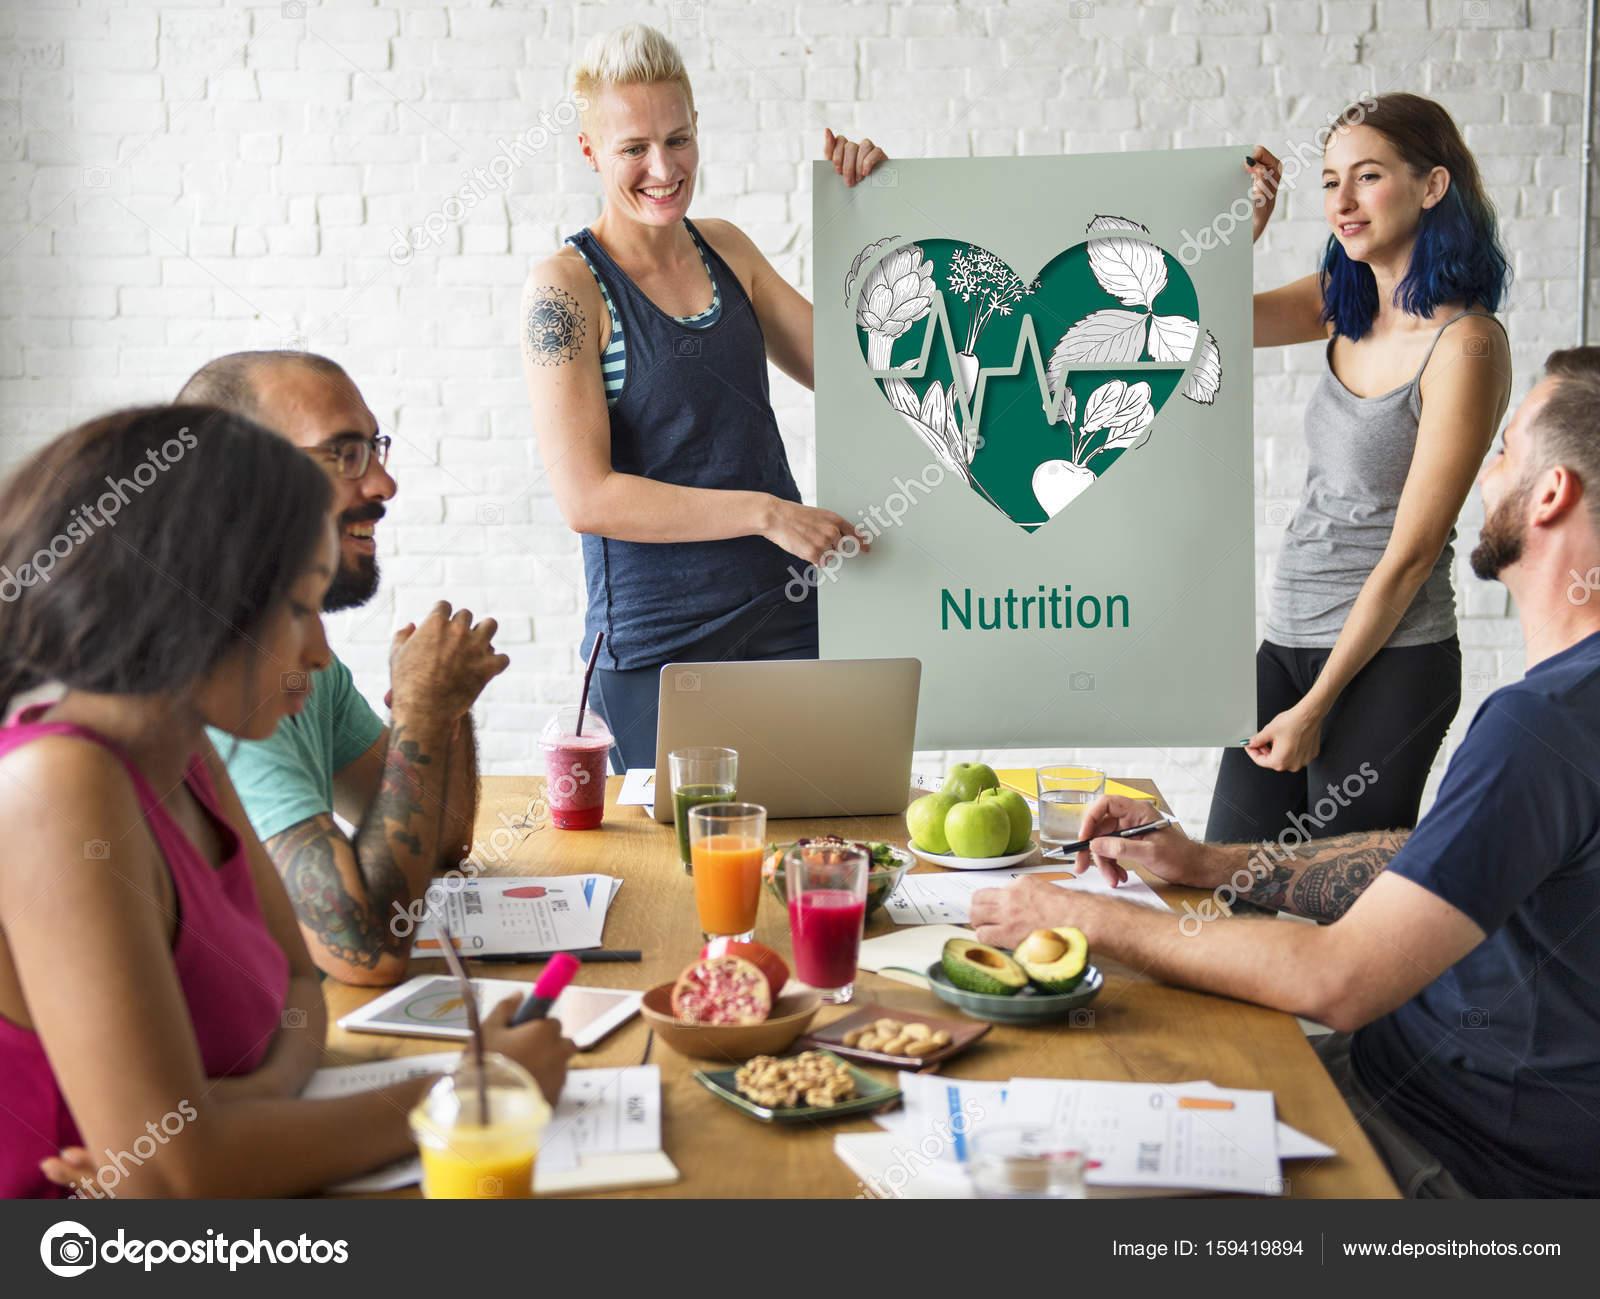 rencontrer pour le service de rencontres déjeuner exemple grand profil féminin de rencontre